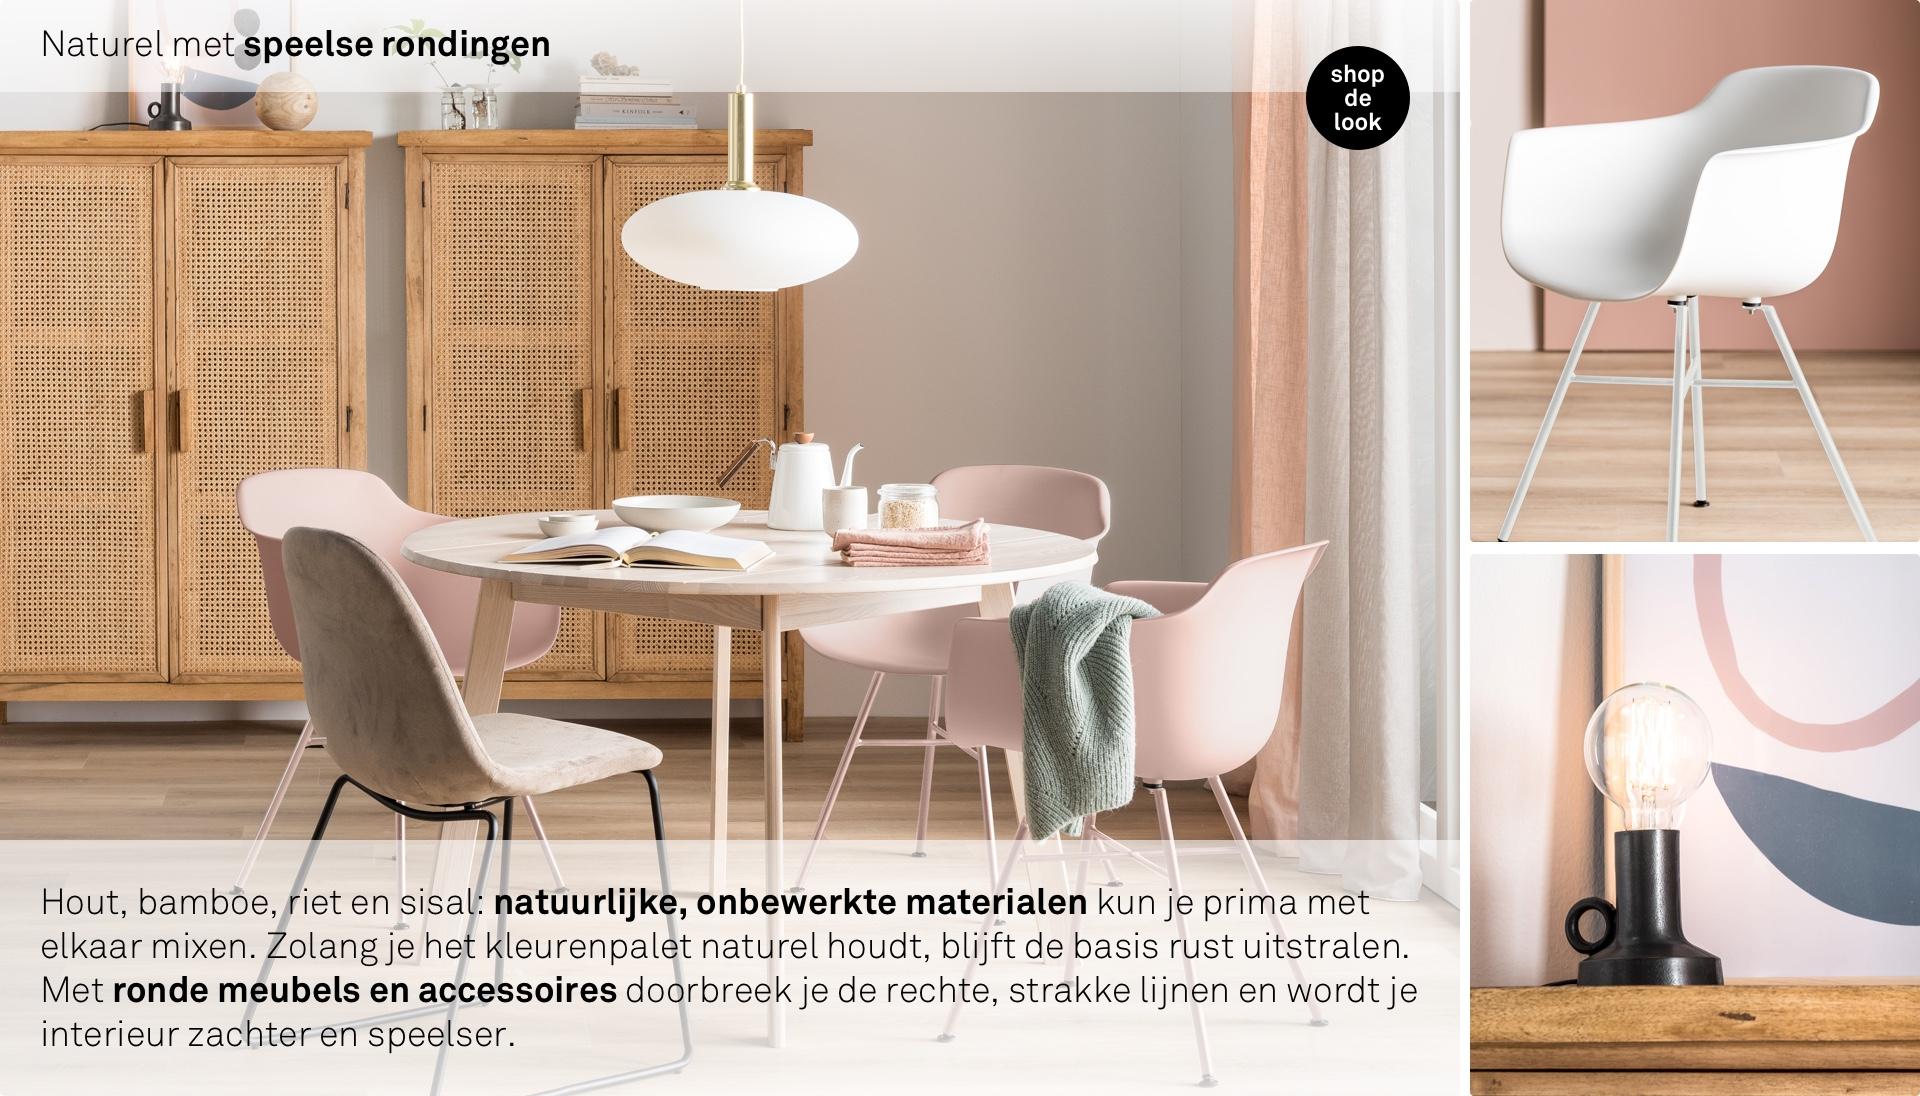 Woood Ronde Tafel : Woood tafel rond top elegant woood mesa bijzettafel l hout cm wit